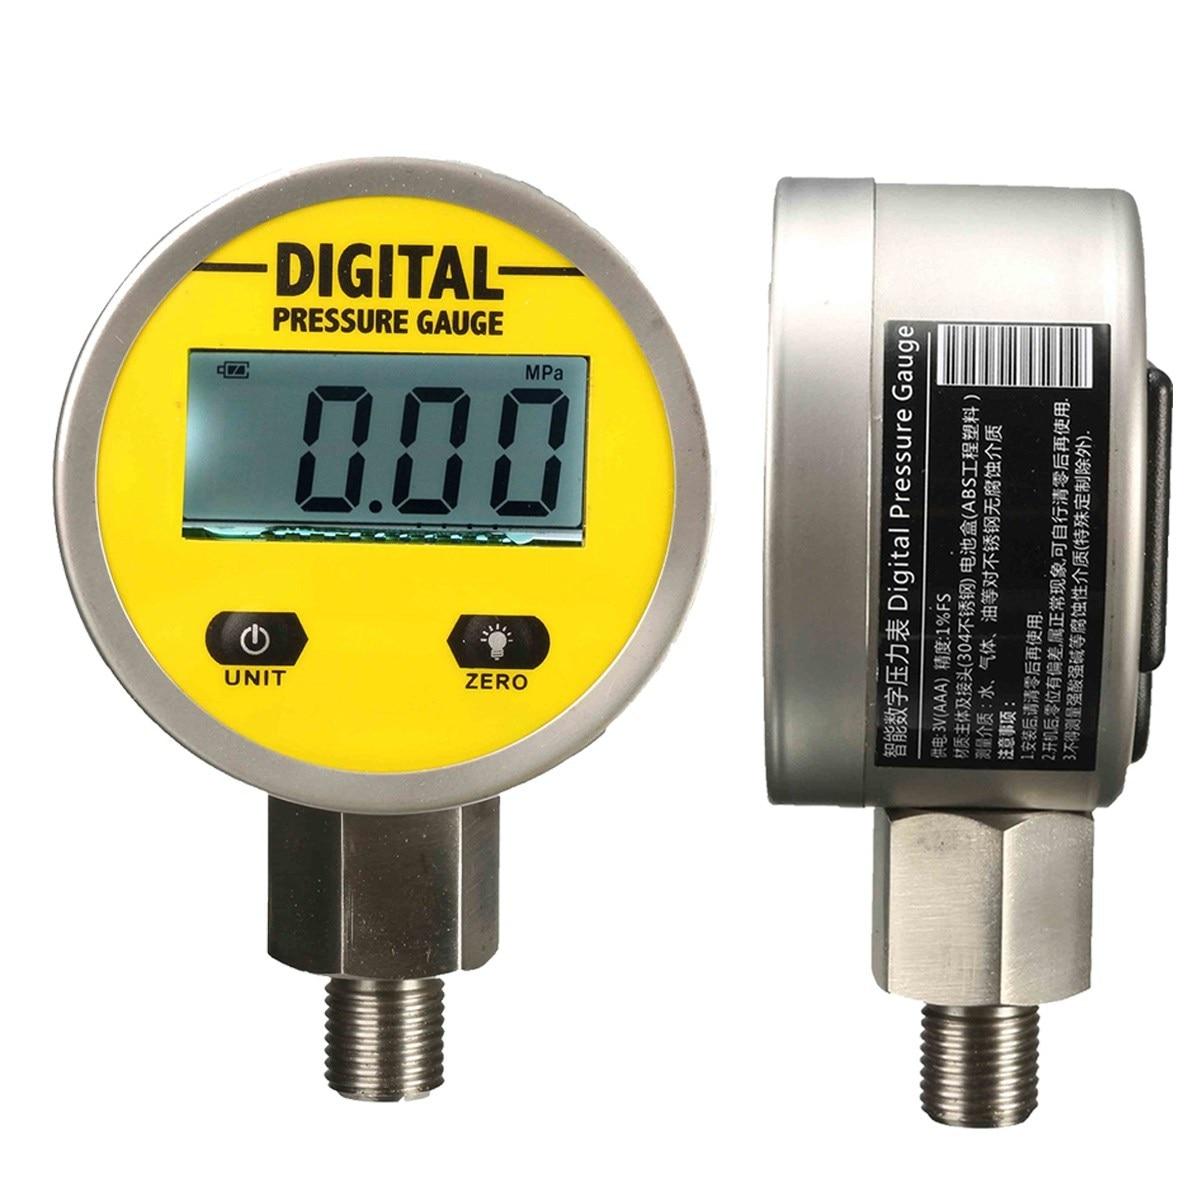 Digital Hydraulic Pressure Gauge 0-250BAR/25Mpa/3600PSI (G/4) -Base Entry